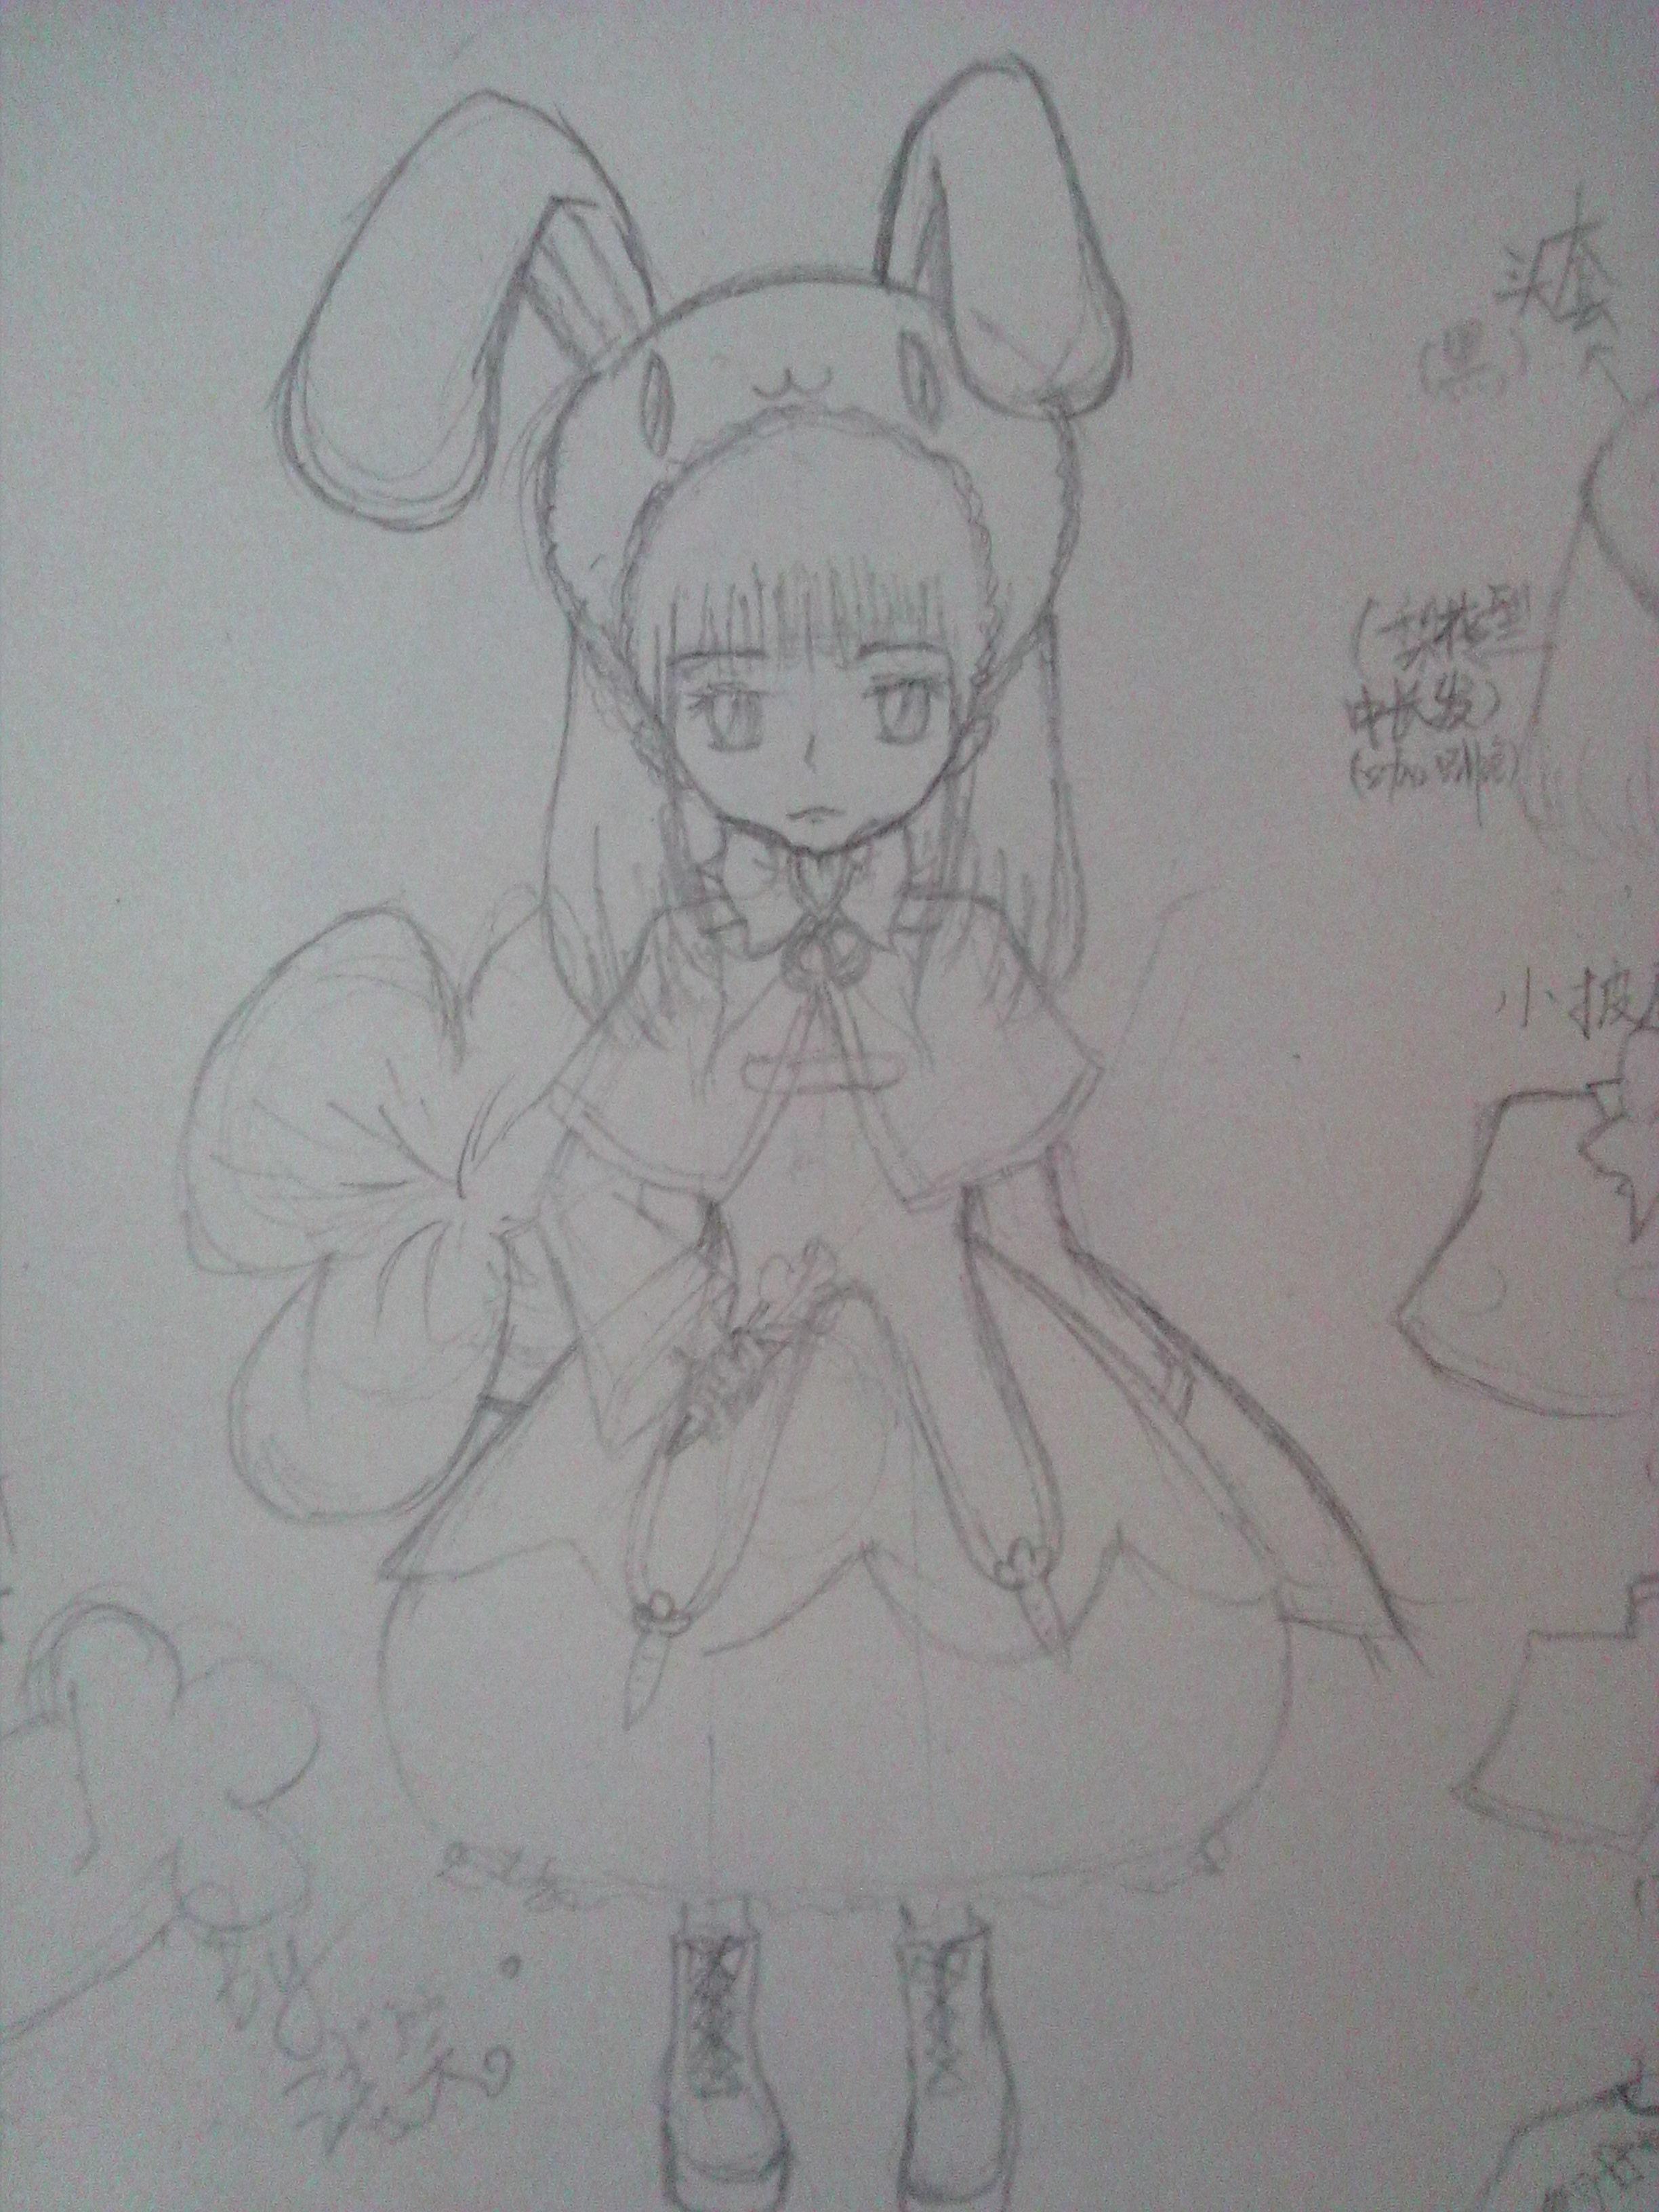 投稿:百田卡通小兔子拟人化-卡通拟人小兔子